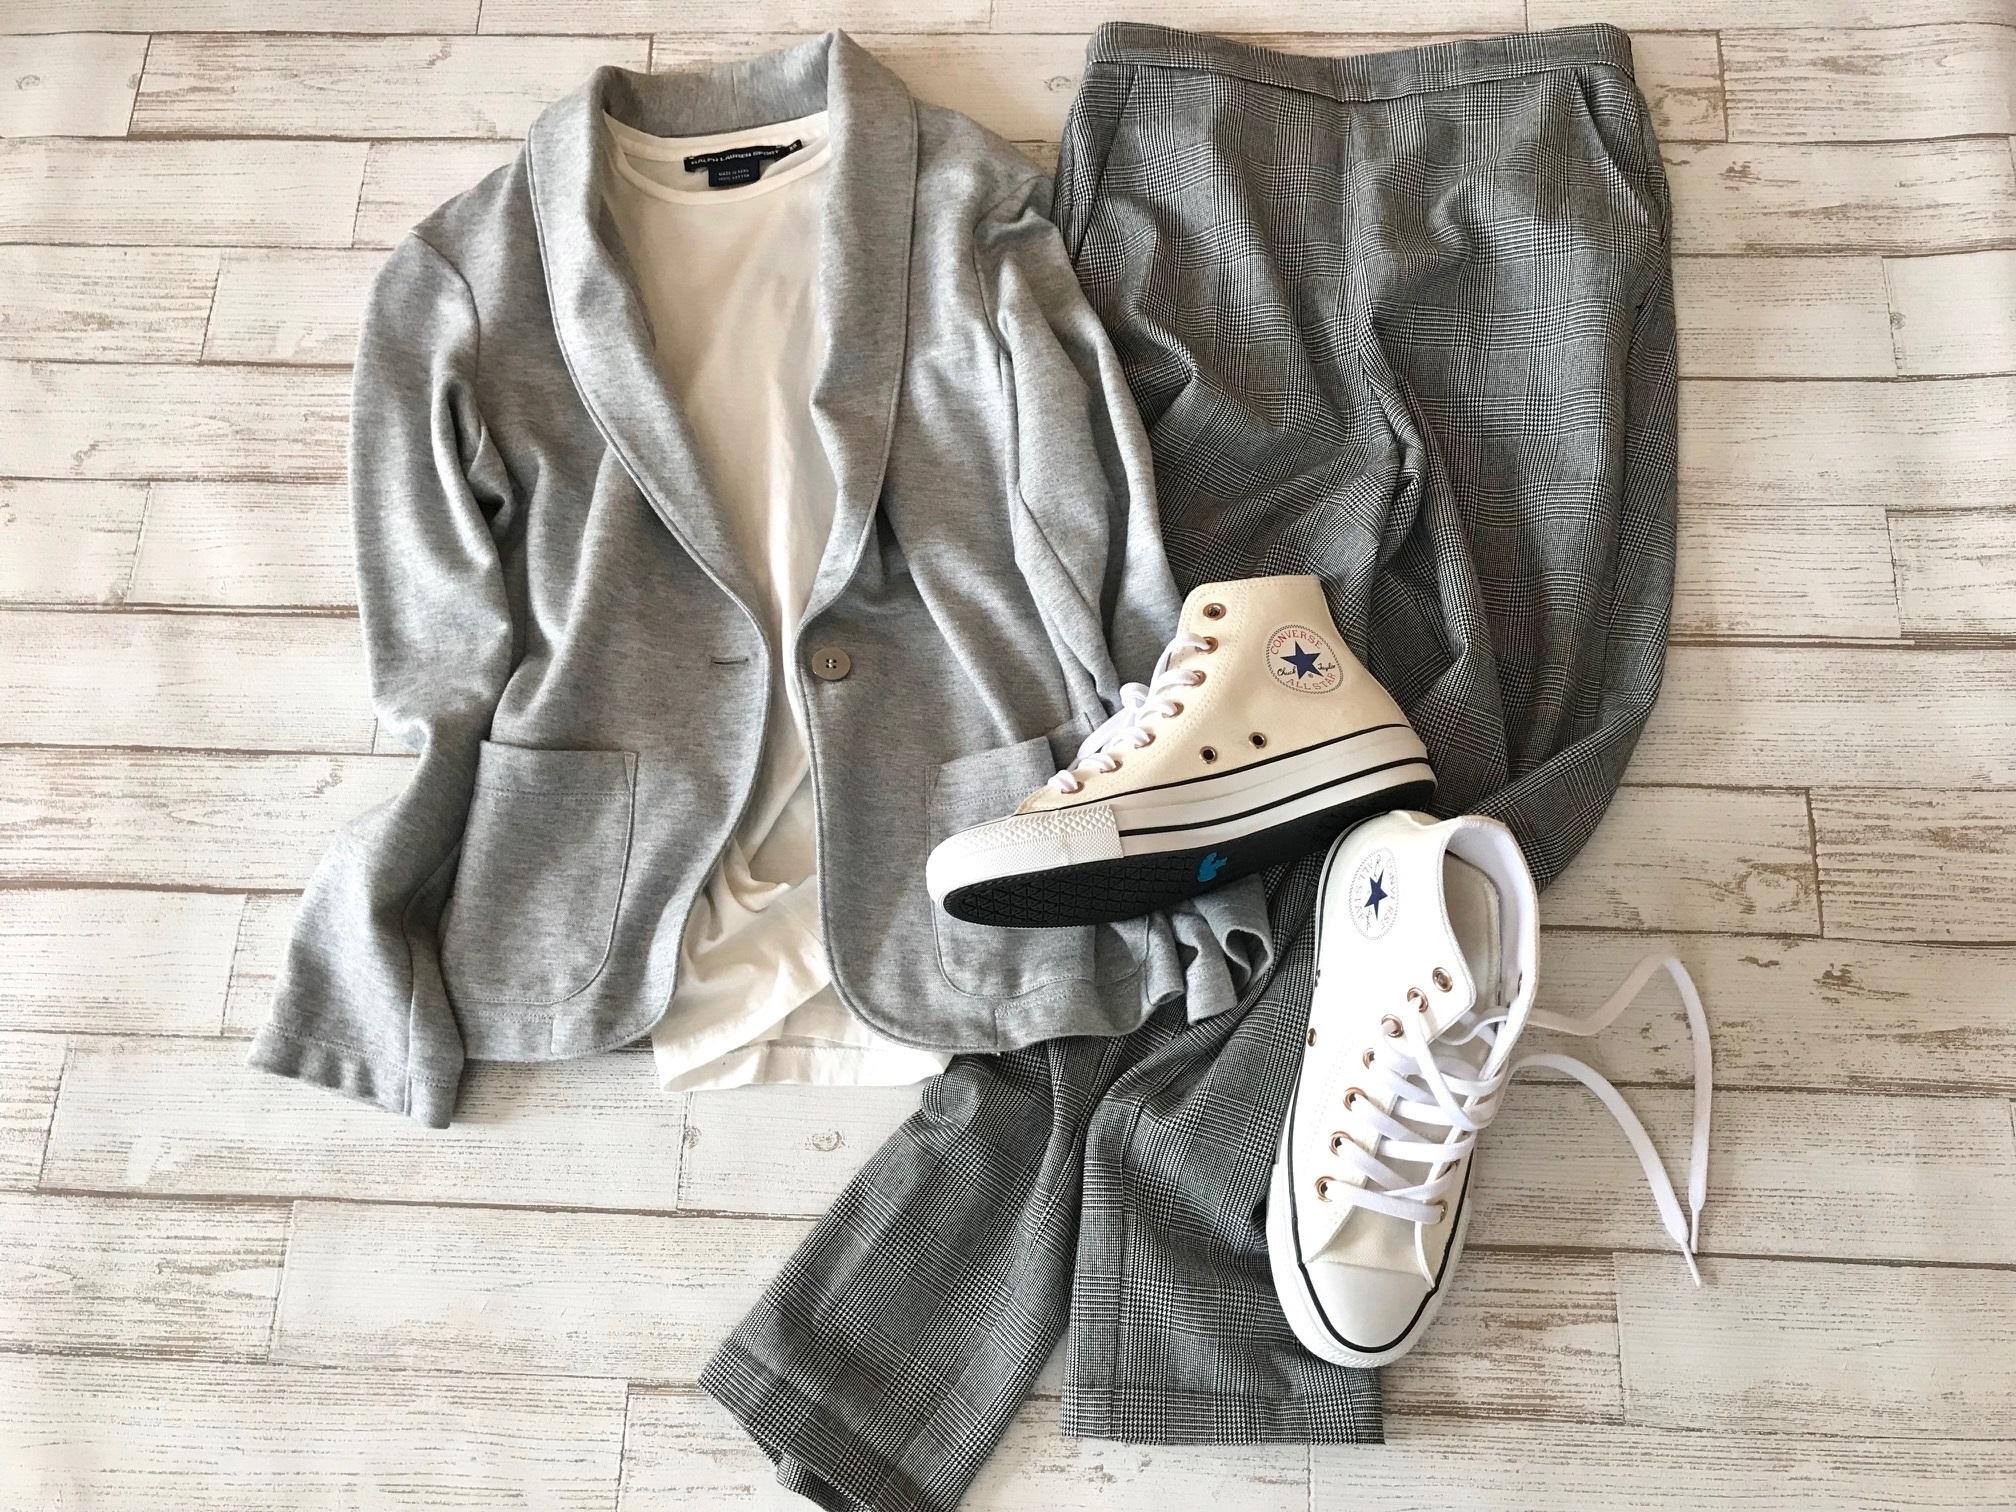 白コンバースのハイカットスニーカー×グレージャケット&パンツのファッションコーデ